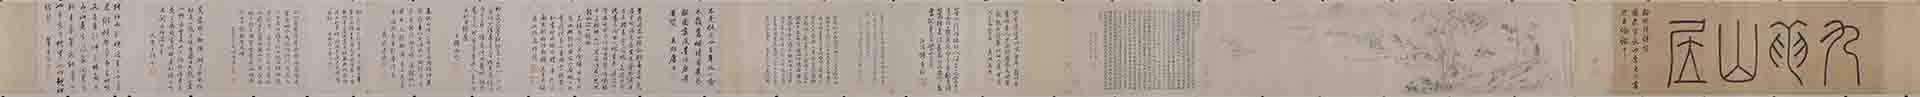 明 佚名(传倪瓒)九龙山居图纸本27.9x146.1大都会